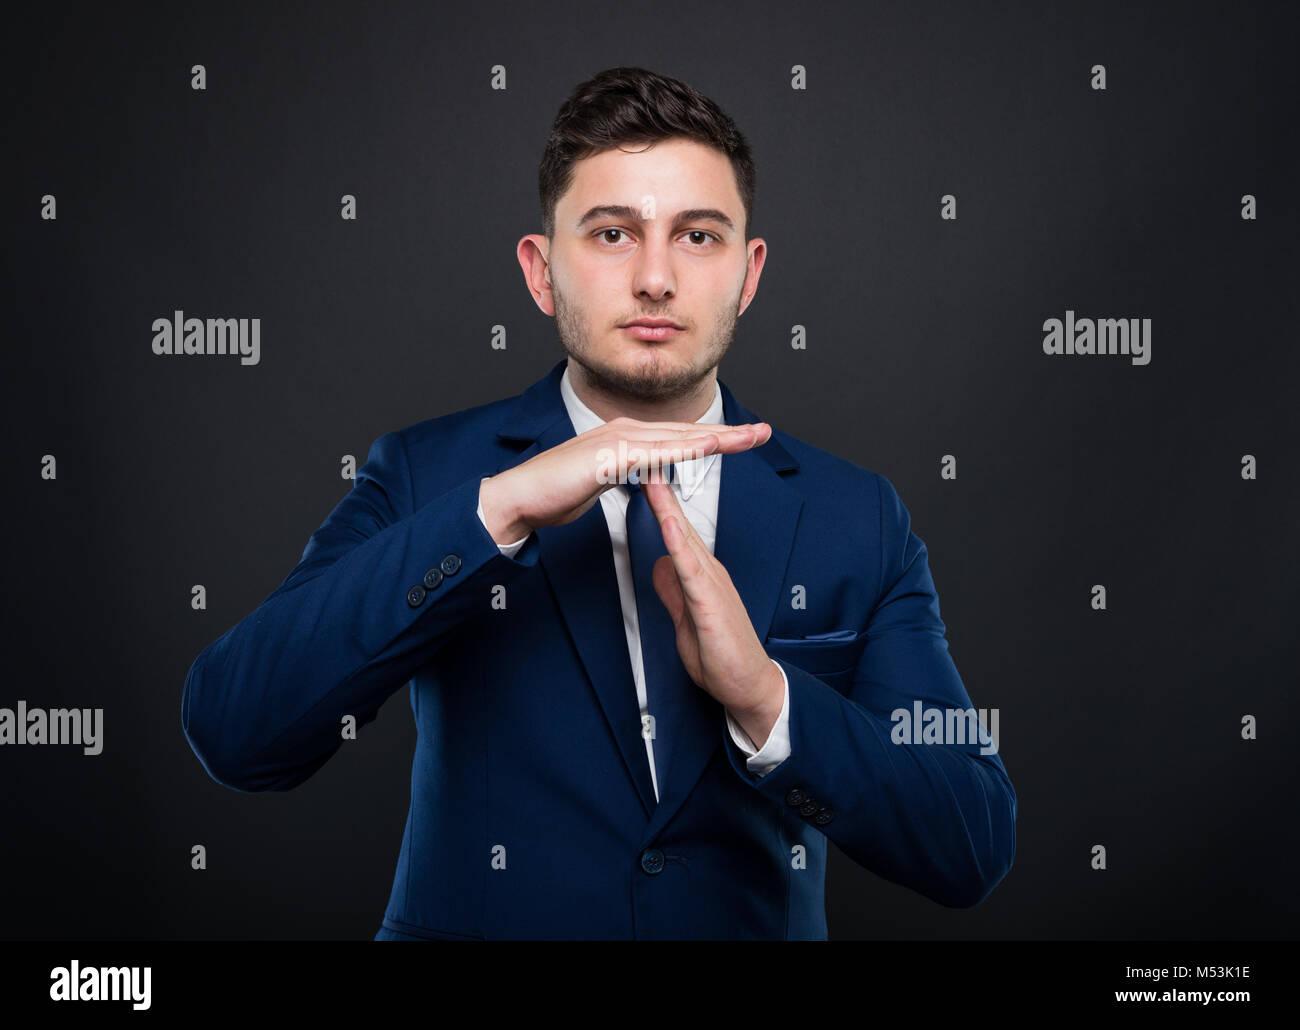 Stattliche Unternehmer, die sich abgemeldet haben oder etwas Unterbrechen auf schwarzem Hintergrund Stockfoto